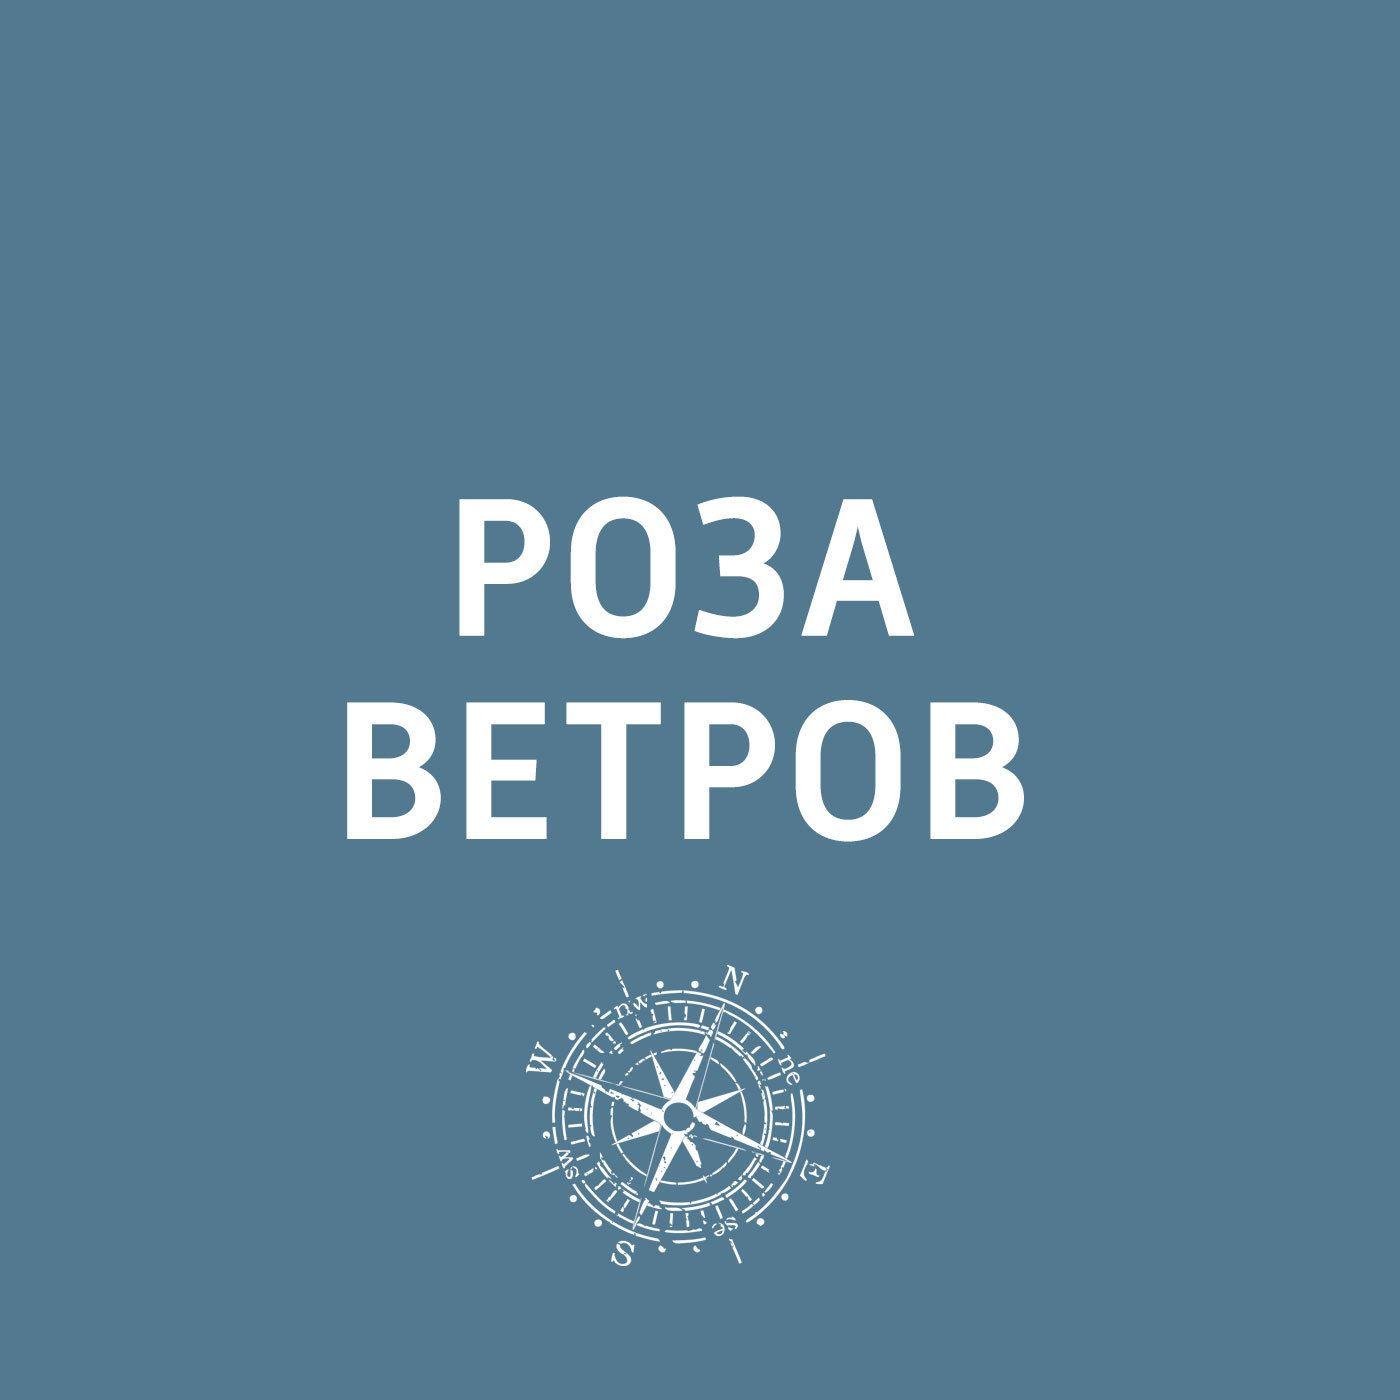 Творческий коллектив шоу «Уральские самоцветы» S7 Airlines запустила проект, в котором призывает решиться на что-то новое авиаперелеты из уфы